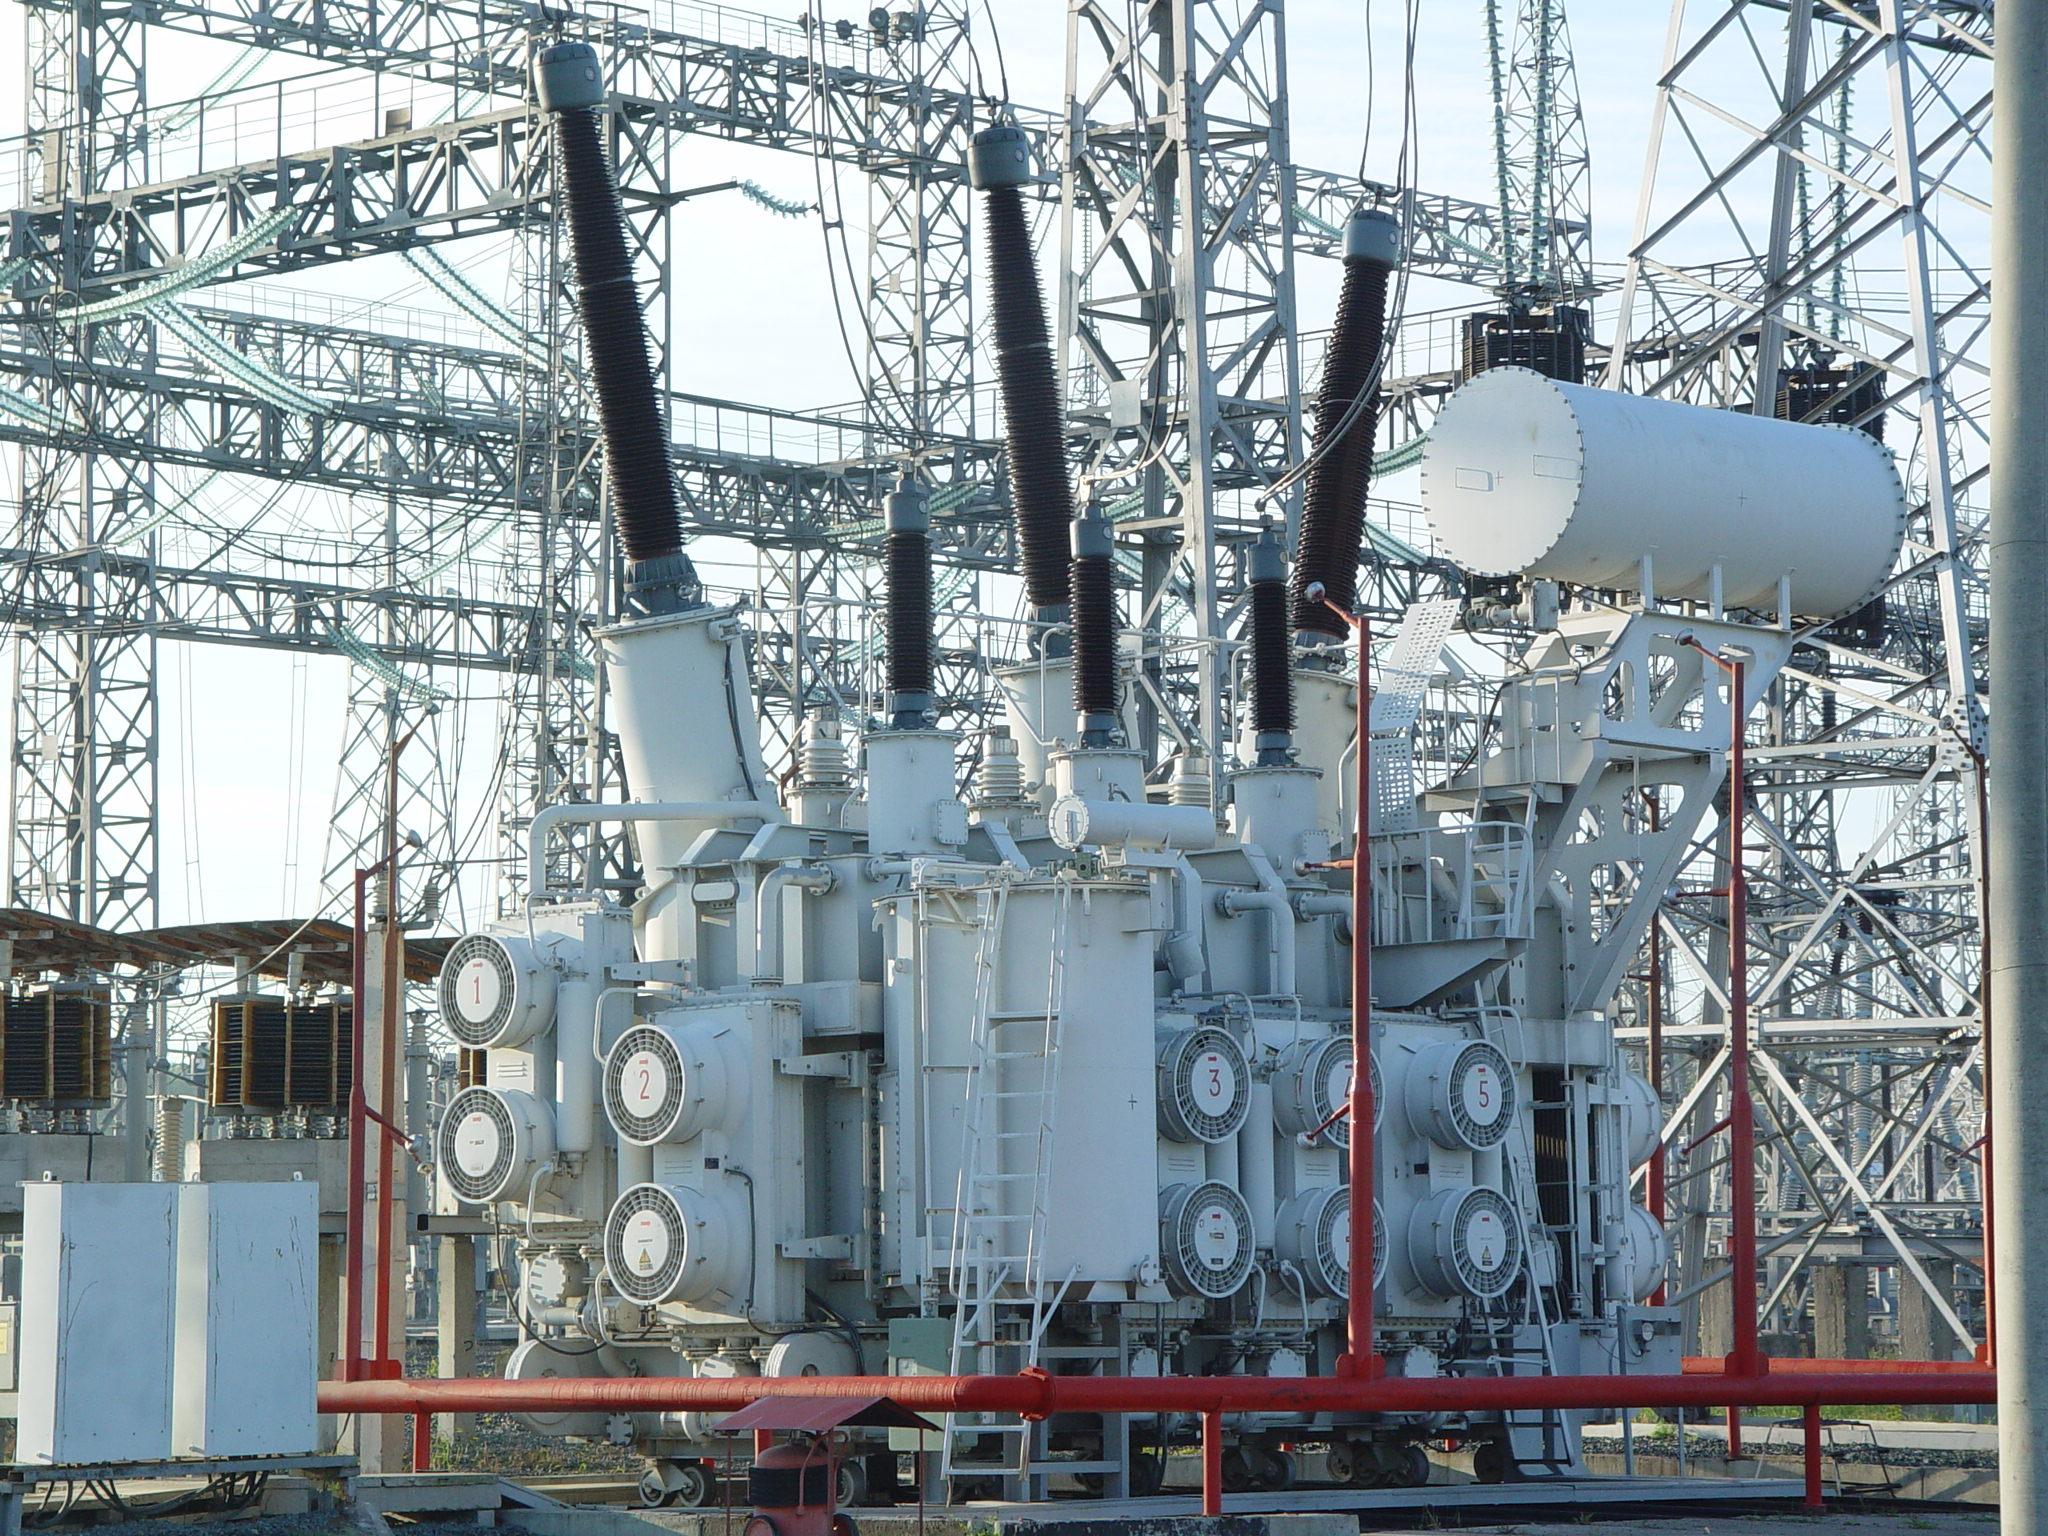 Ремонт высоковольтного диагностического и метрологического оборудования СА7100-2, СА7100-3, СА7140, СА540, СА640, СА610, СА210, СА507, СА3600, СА535, СА5018, СА920, СА921, СА910, СА911, СА5055, СА3700